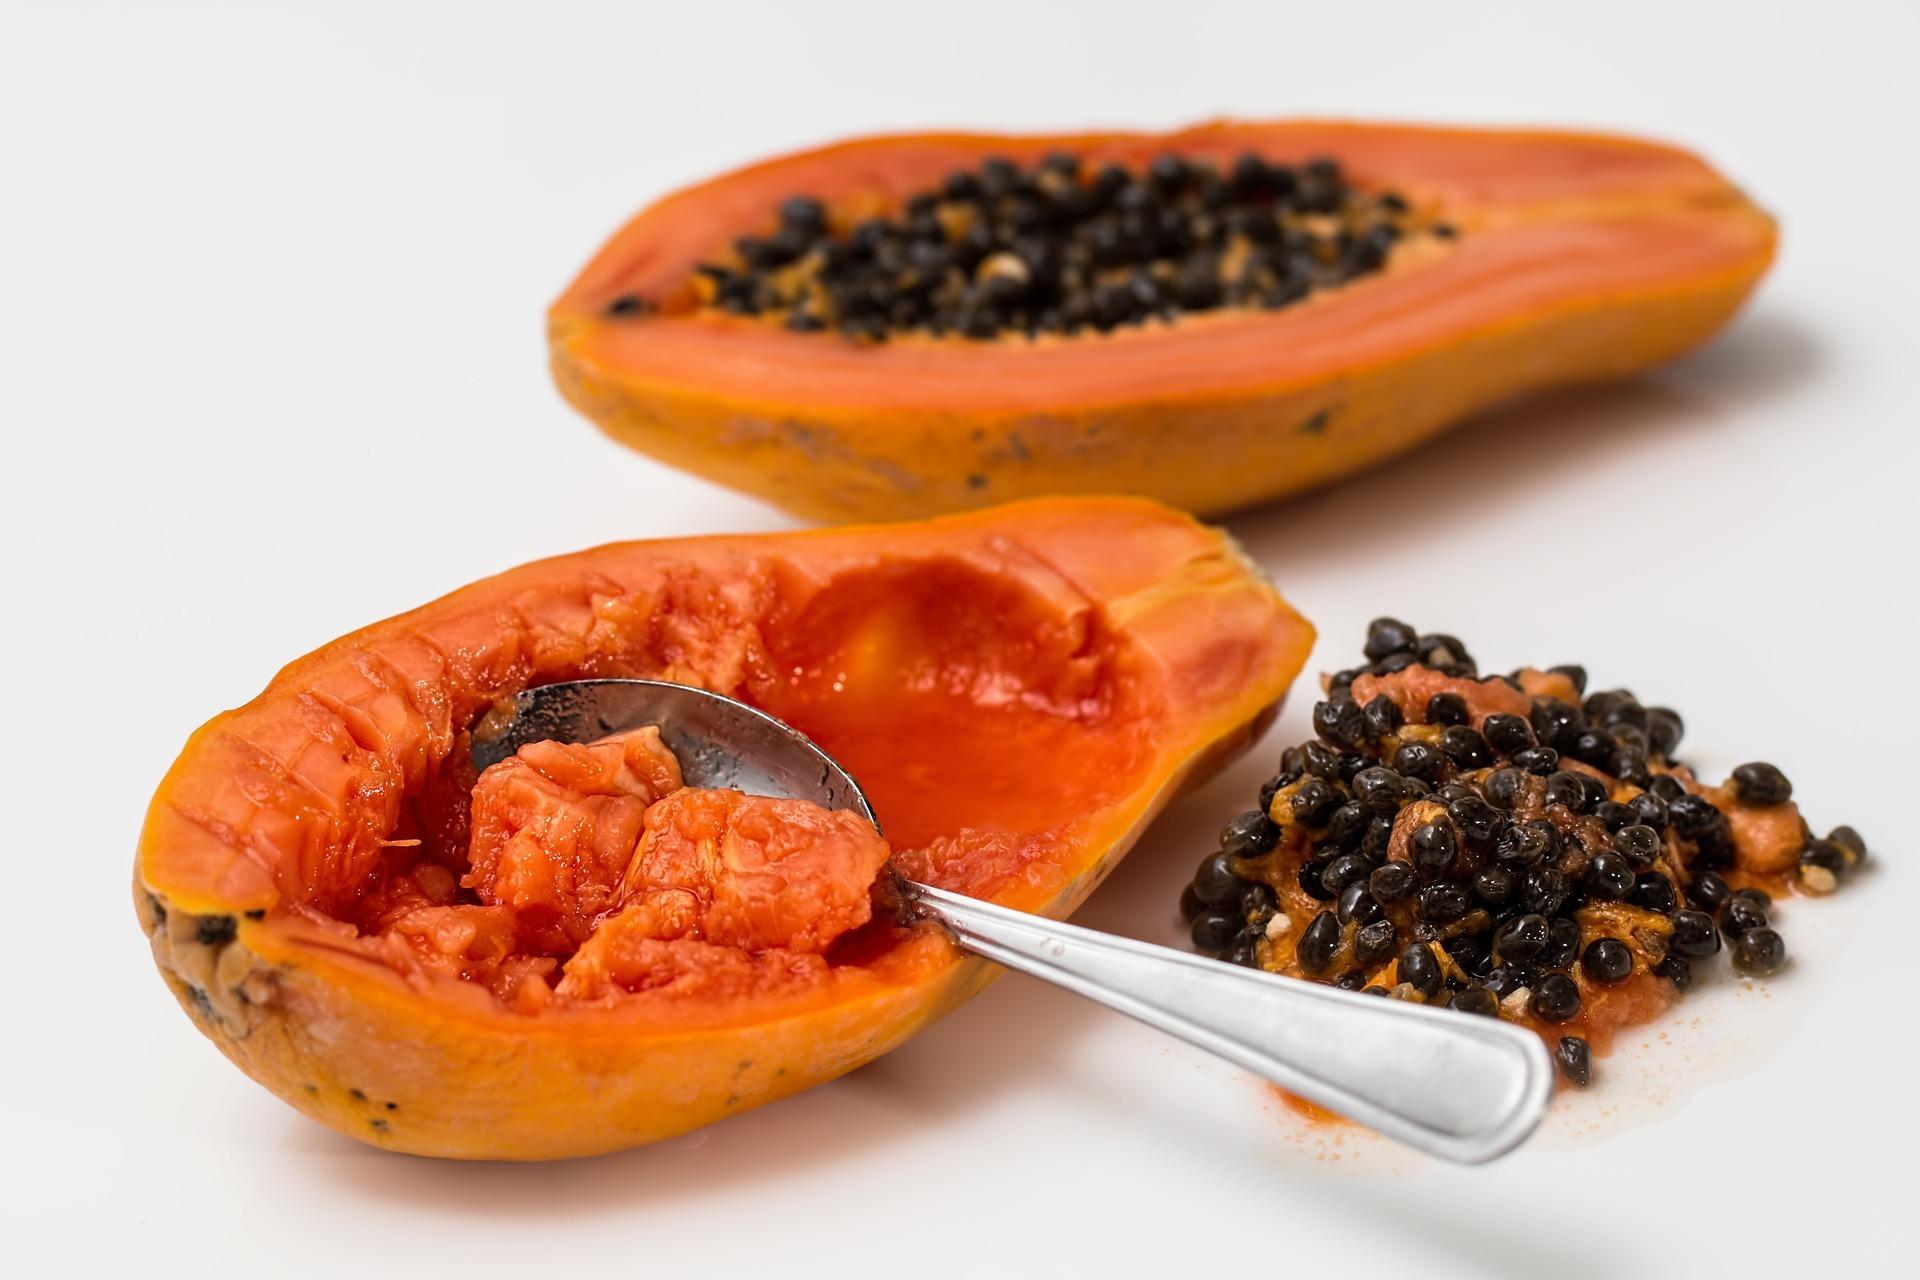 posilnenie imunity, Posilnenie imunity: 15 potravín, ktoré by sme mali jesť každý týždeň